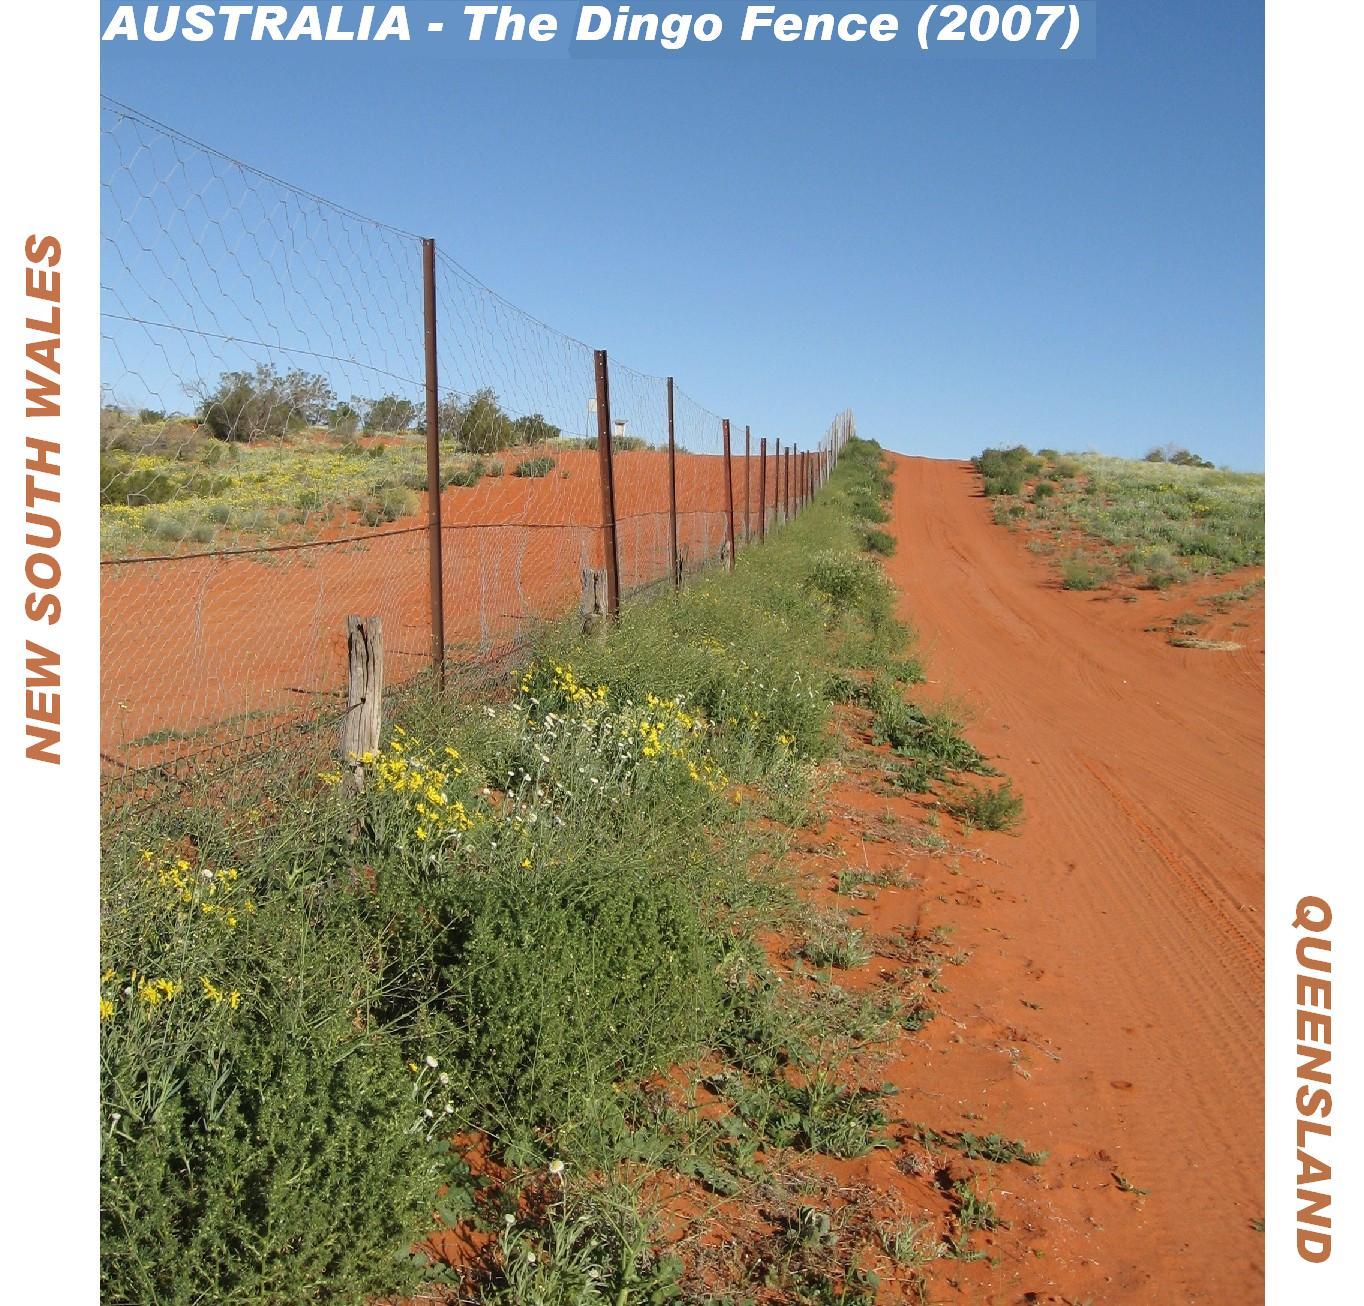 http://1.bp.blogspot.com/_ipD3p4pEVxM/SlI9msd2hZI/AAAAAAAACdQ/o1QzHSpUv2c/s1600/CONFINE+AUSTRALIANSW-QUEENSLAND+2007+20090701.jpg